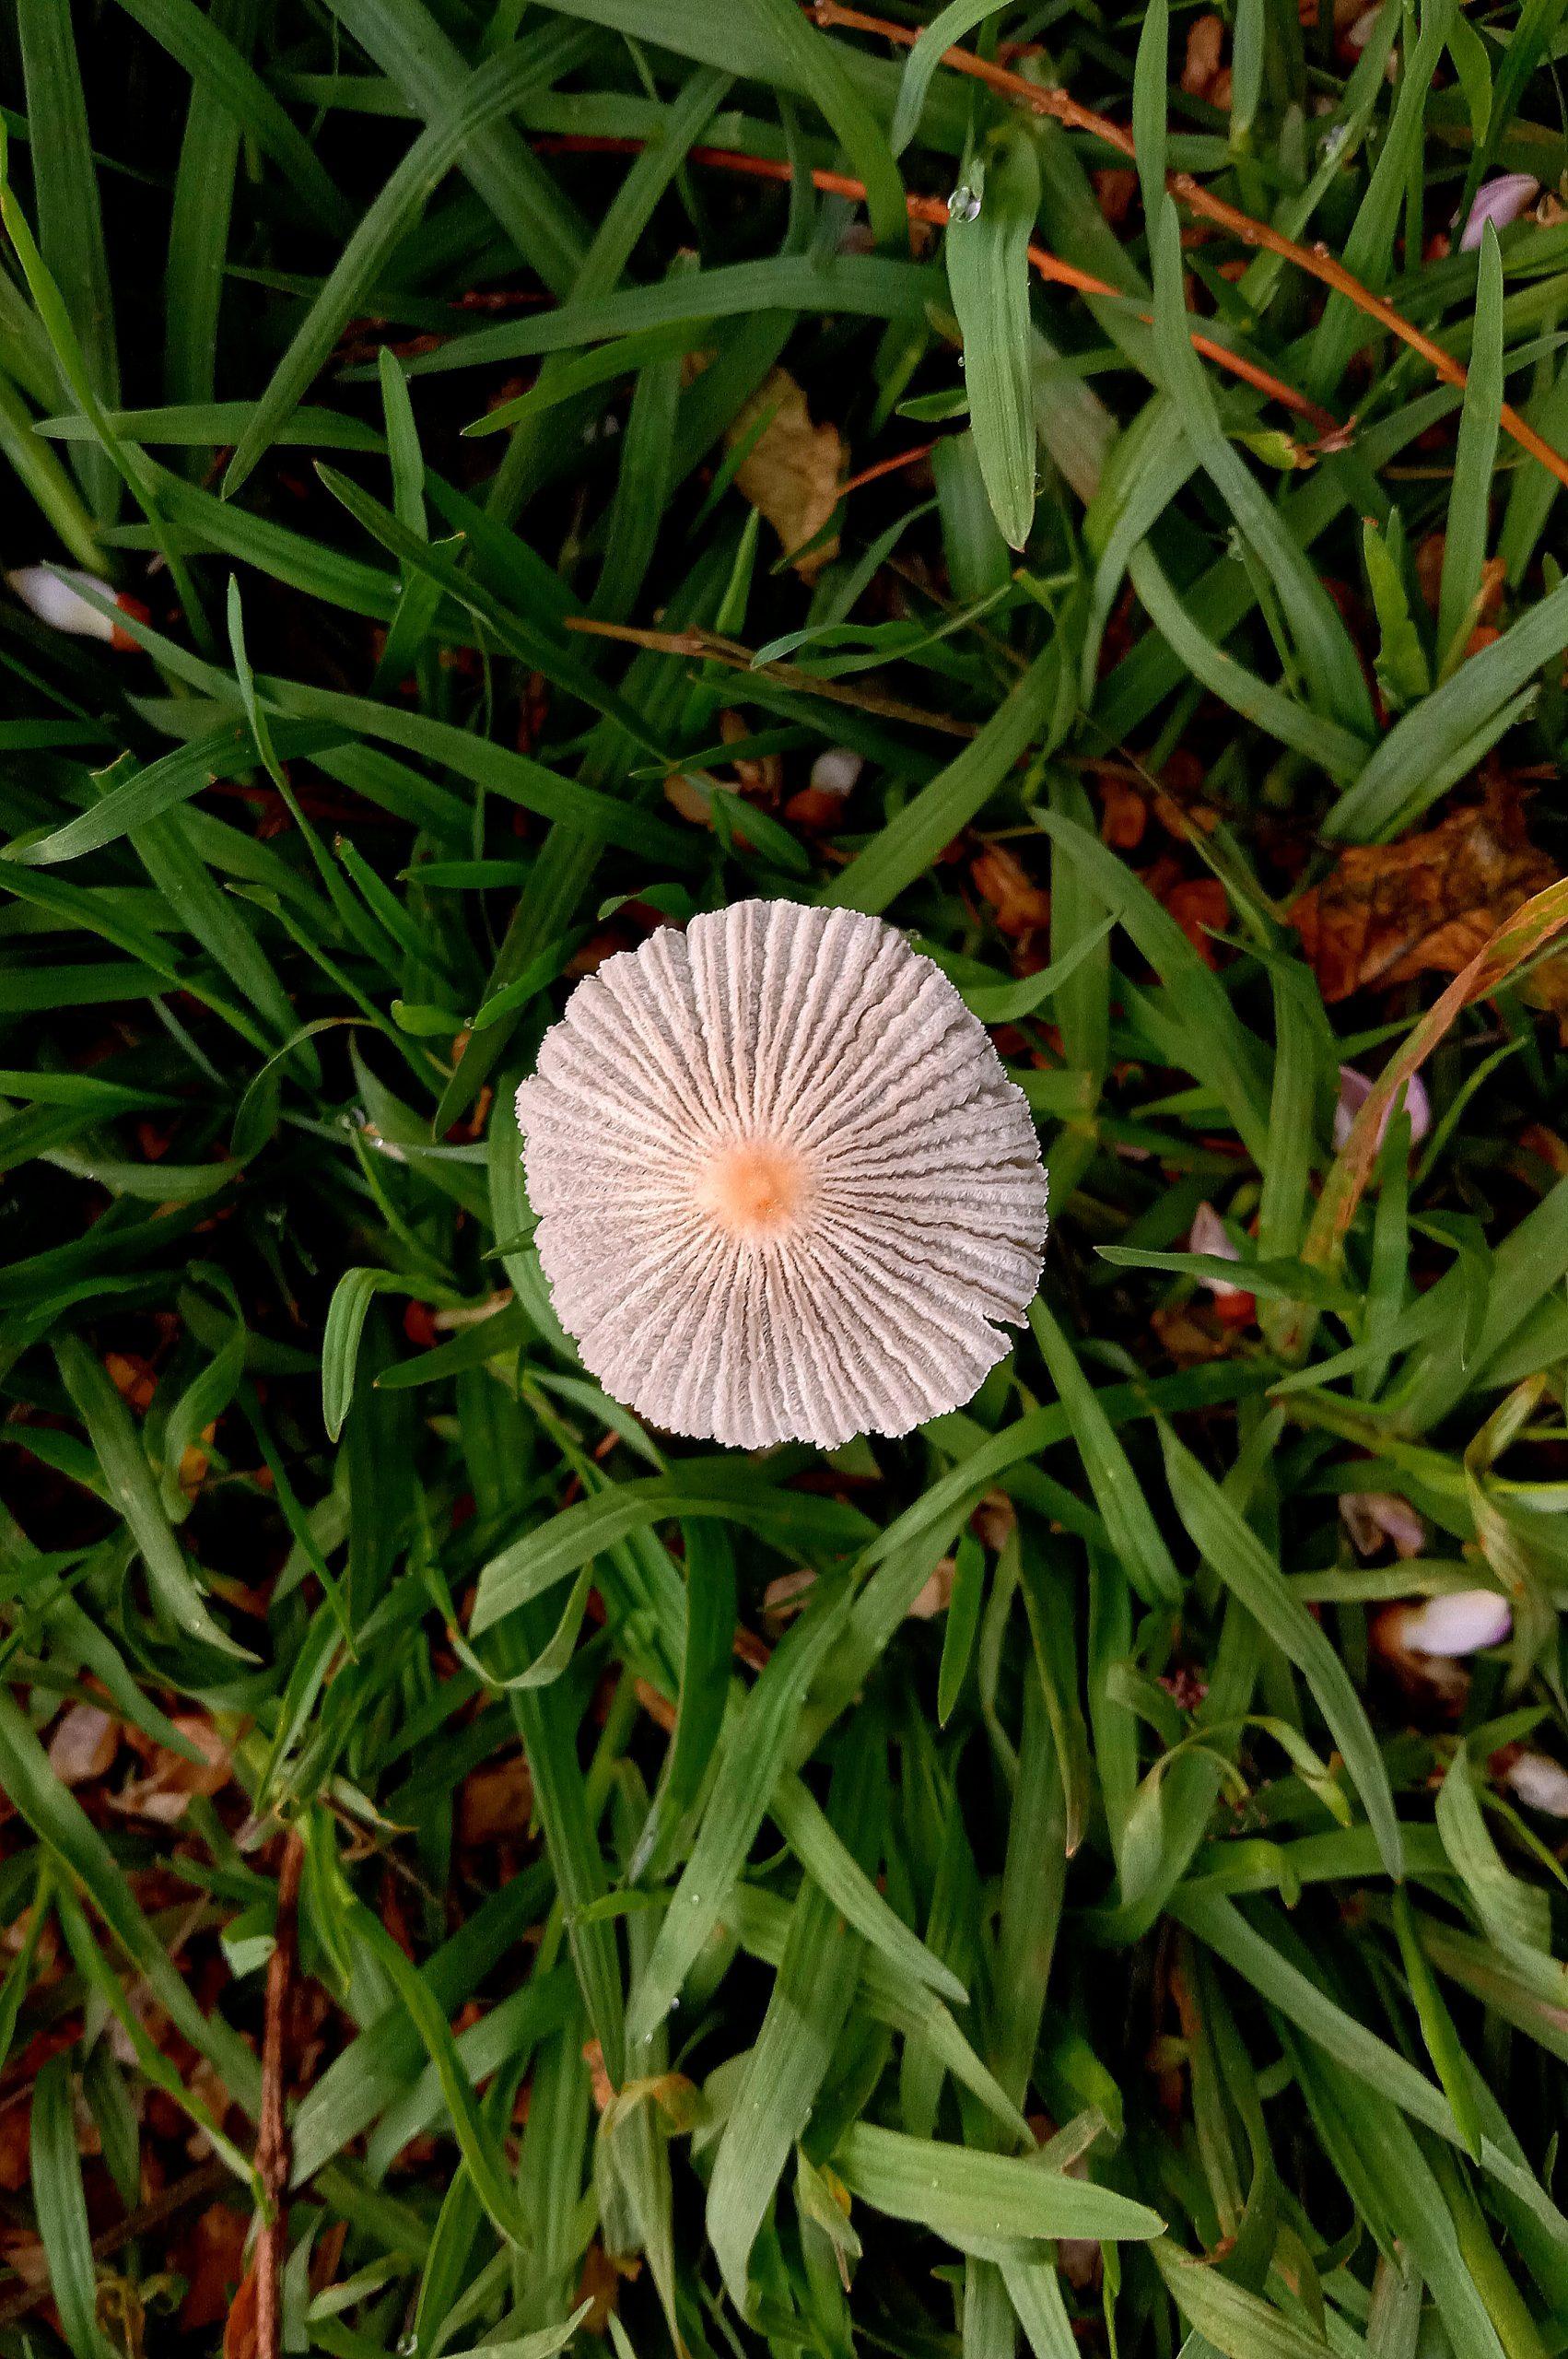 Wild flower in the grass